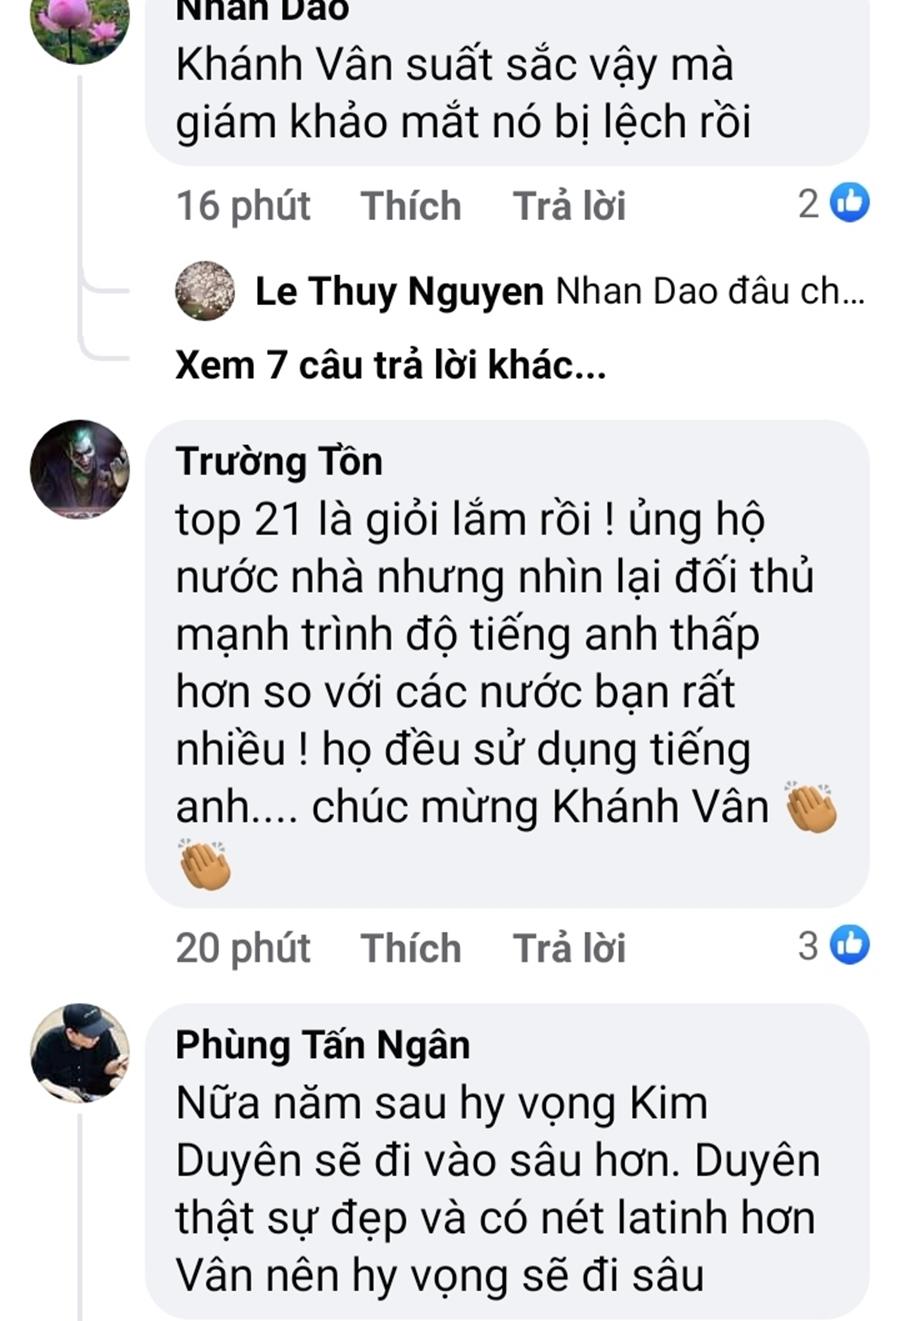 Những bình luận bày tỏ sự tiếc nuối dành cho Khánh Vân khi cô trượt Top 10 chung cuộc.